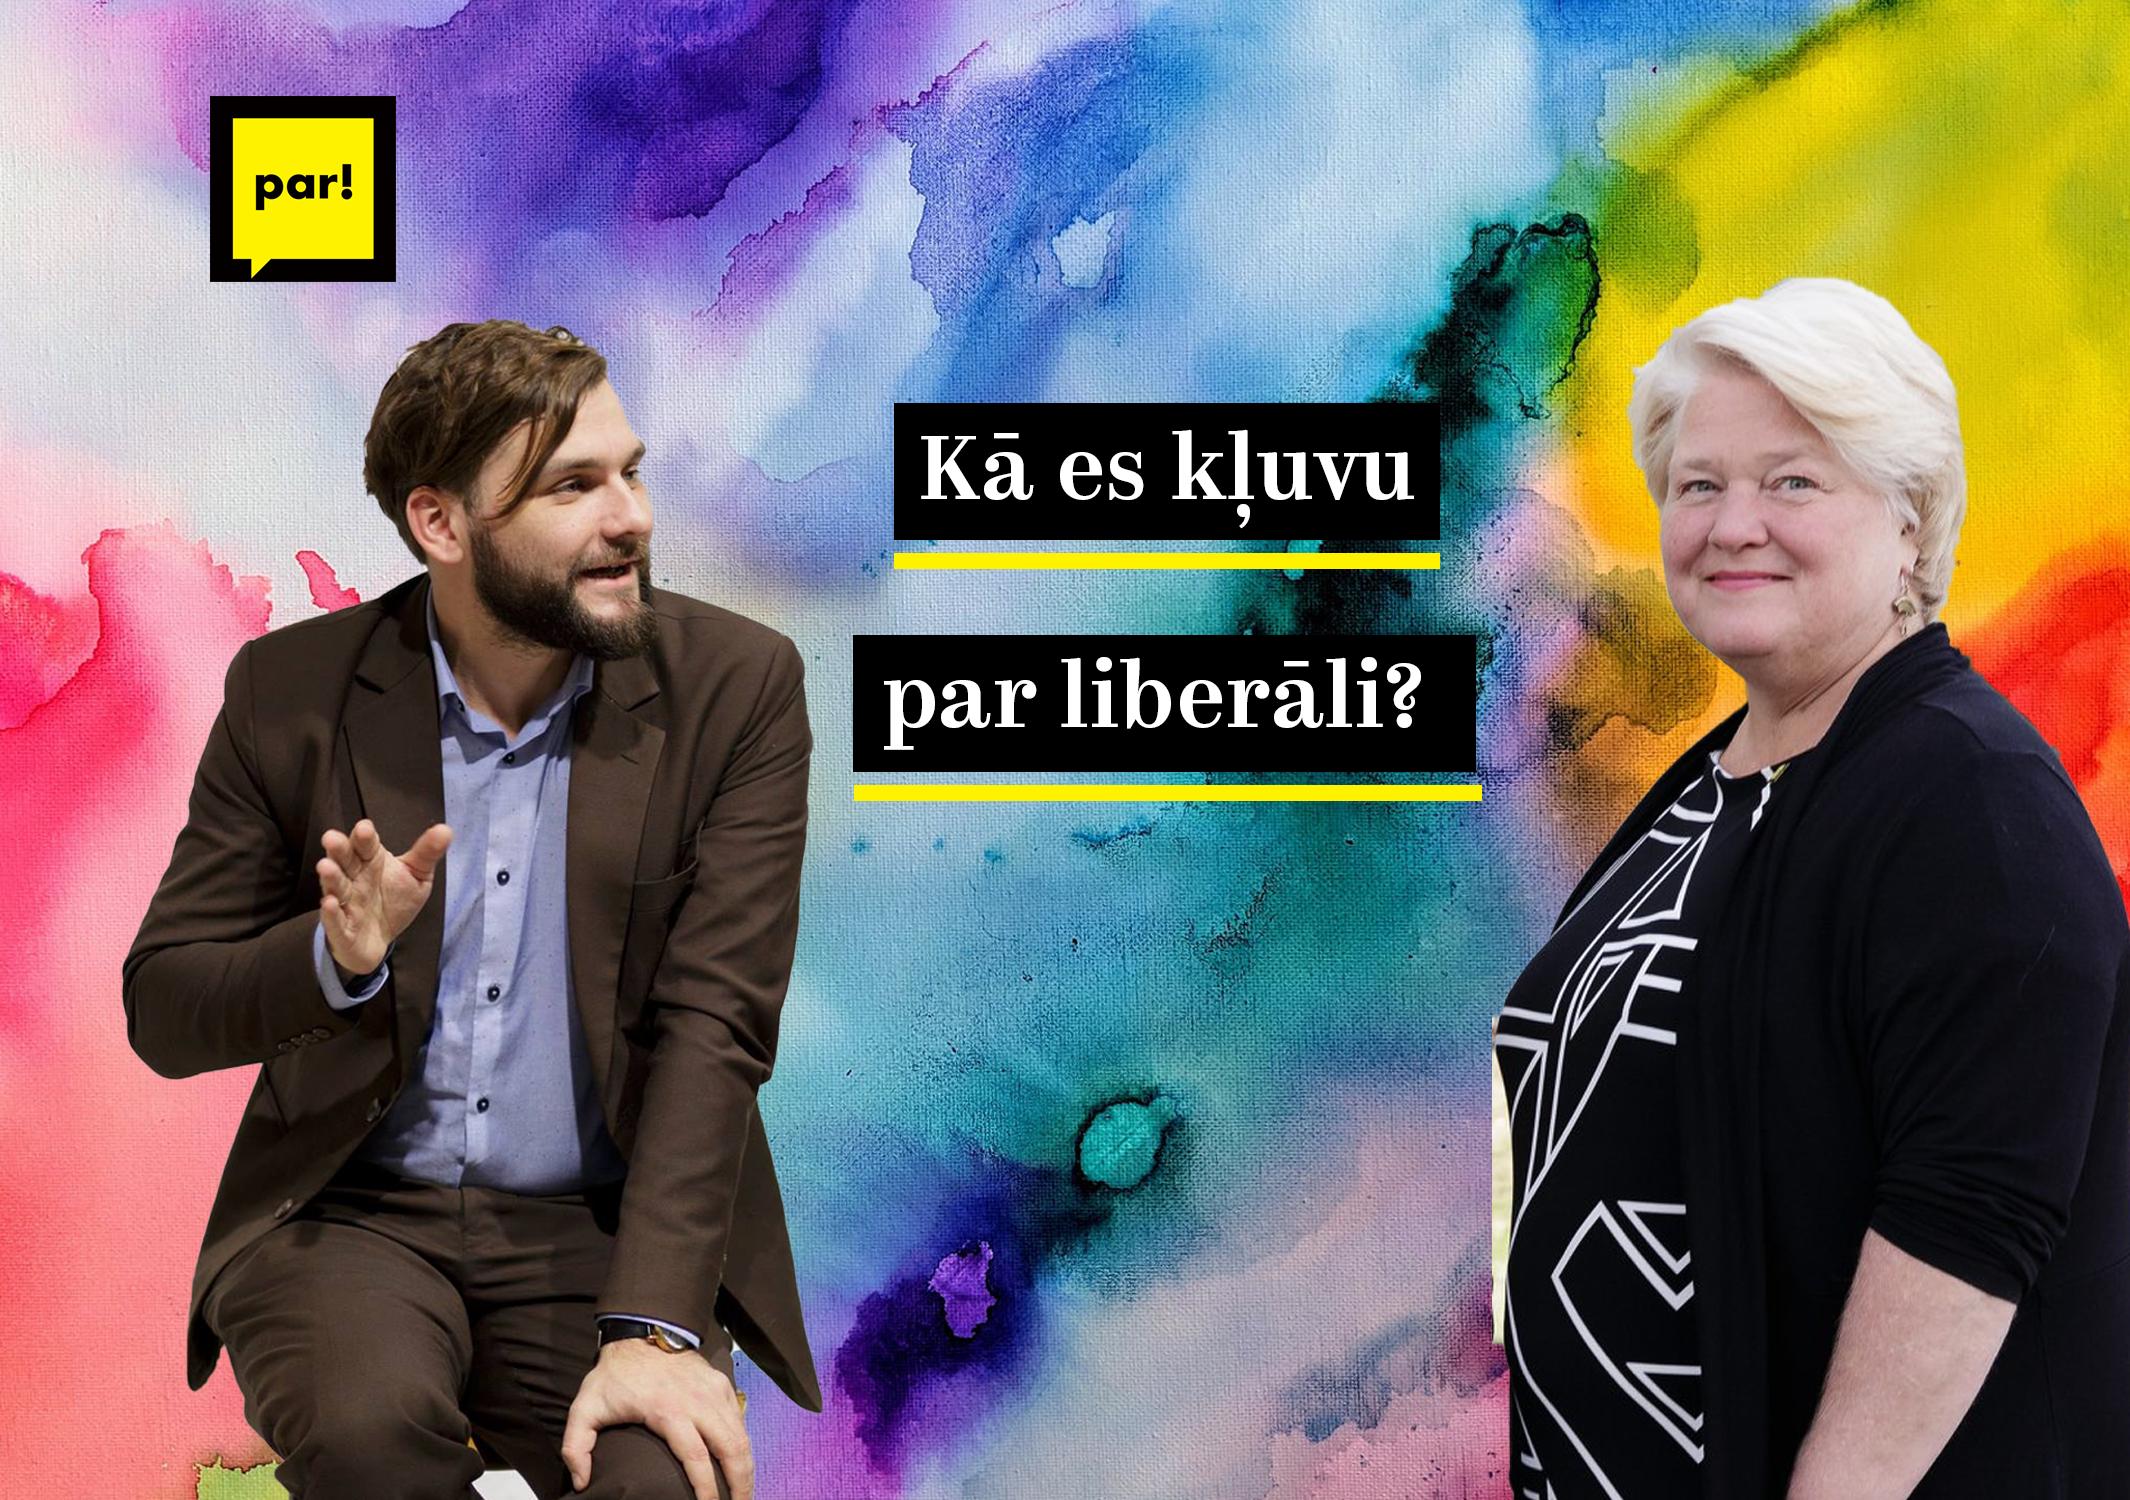 Kā es kļuvu par liberāli? Vita Tērauda 24.05.2019.